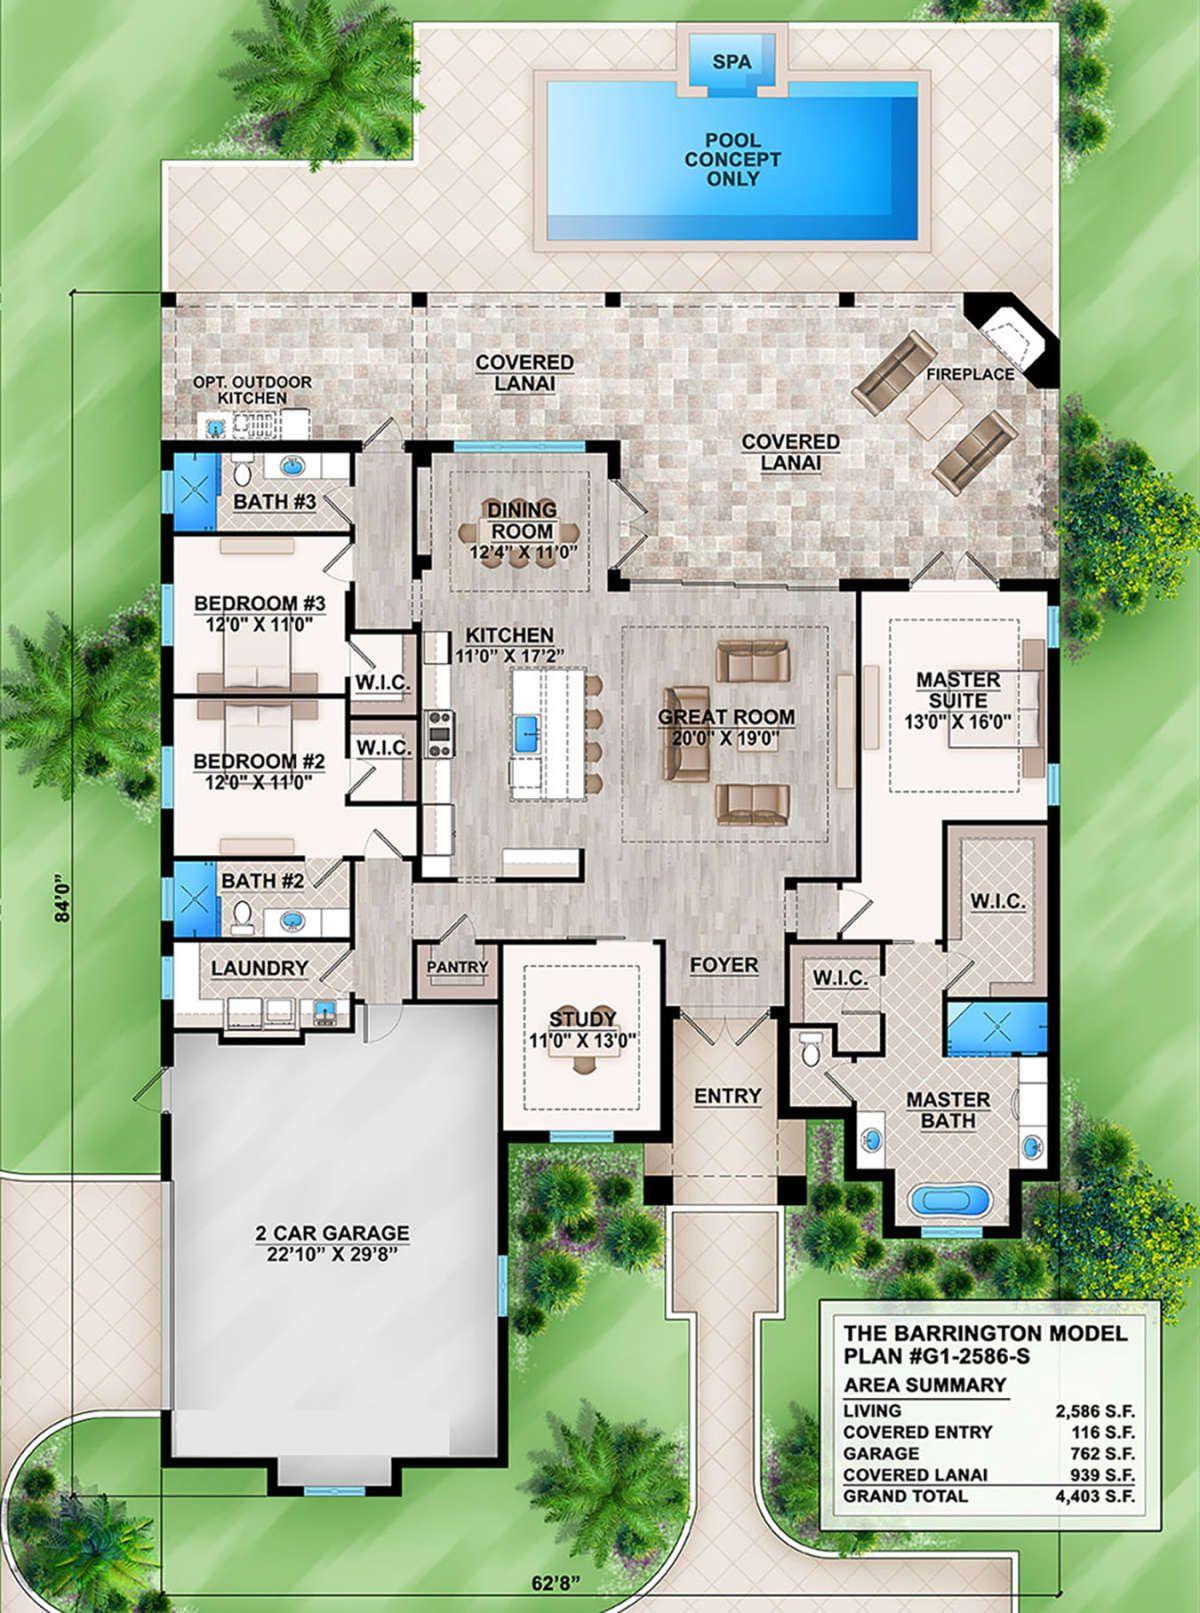 House Plan 207 00054 Florida Plan 2 586 Square Feet 3 Bedrooms 3 Bathrooms Florida House Plans Rustic House Plans How To Plan